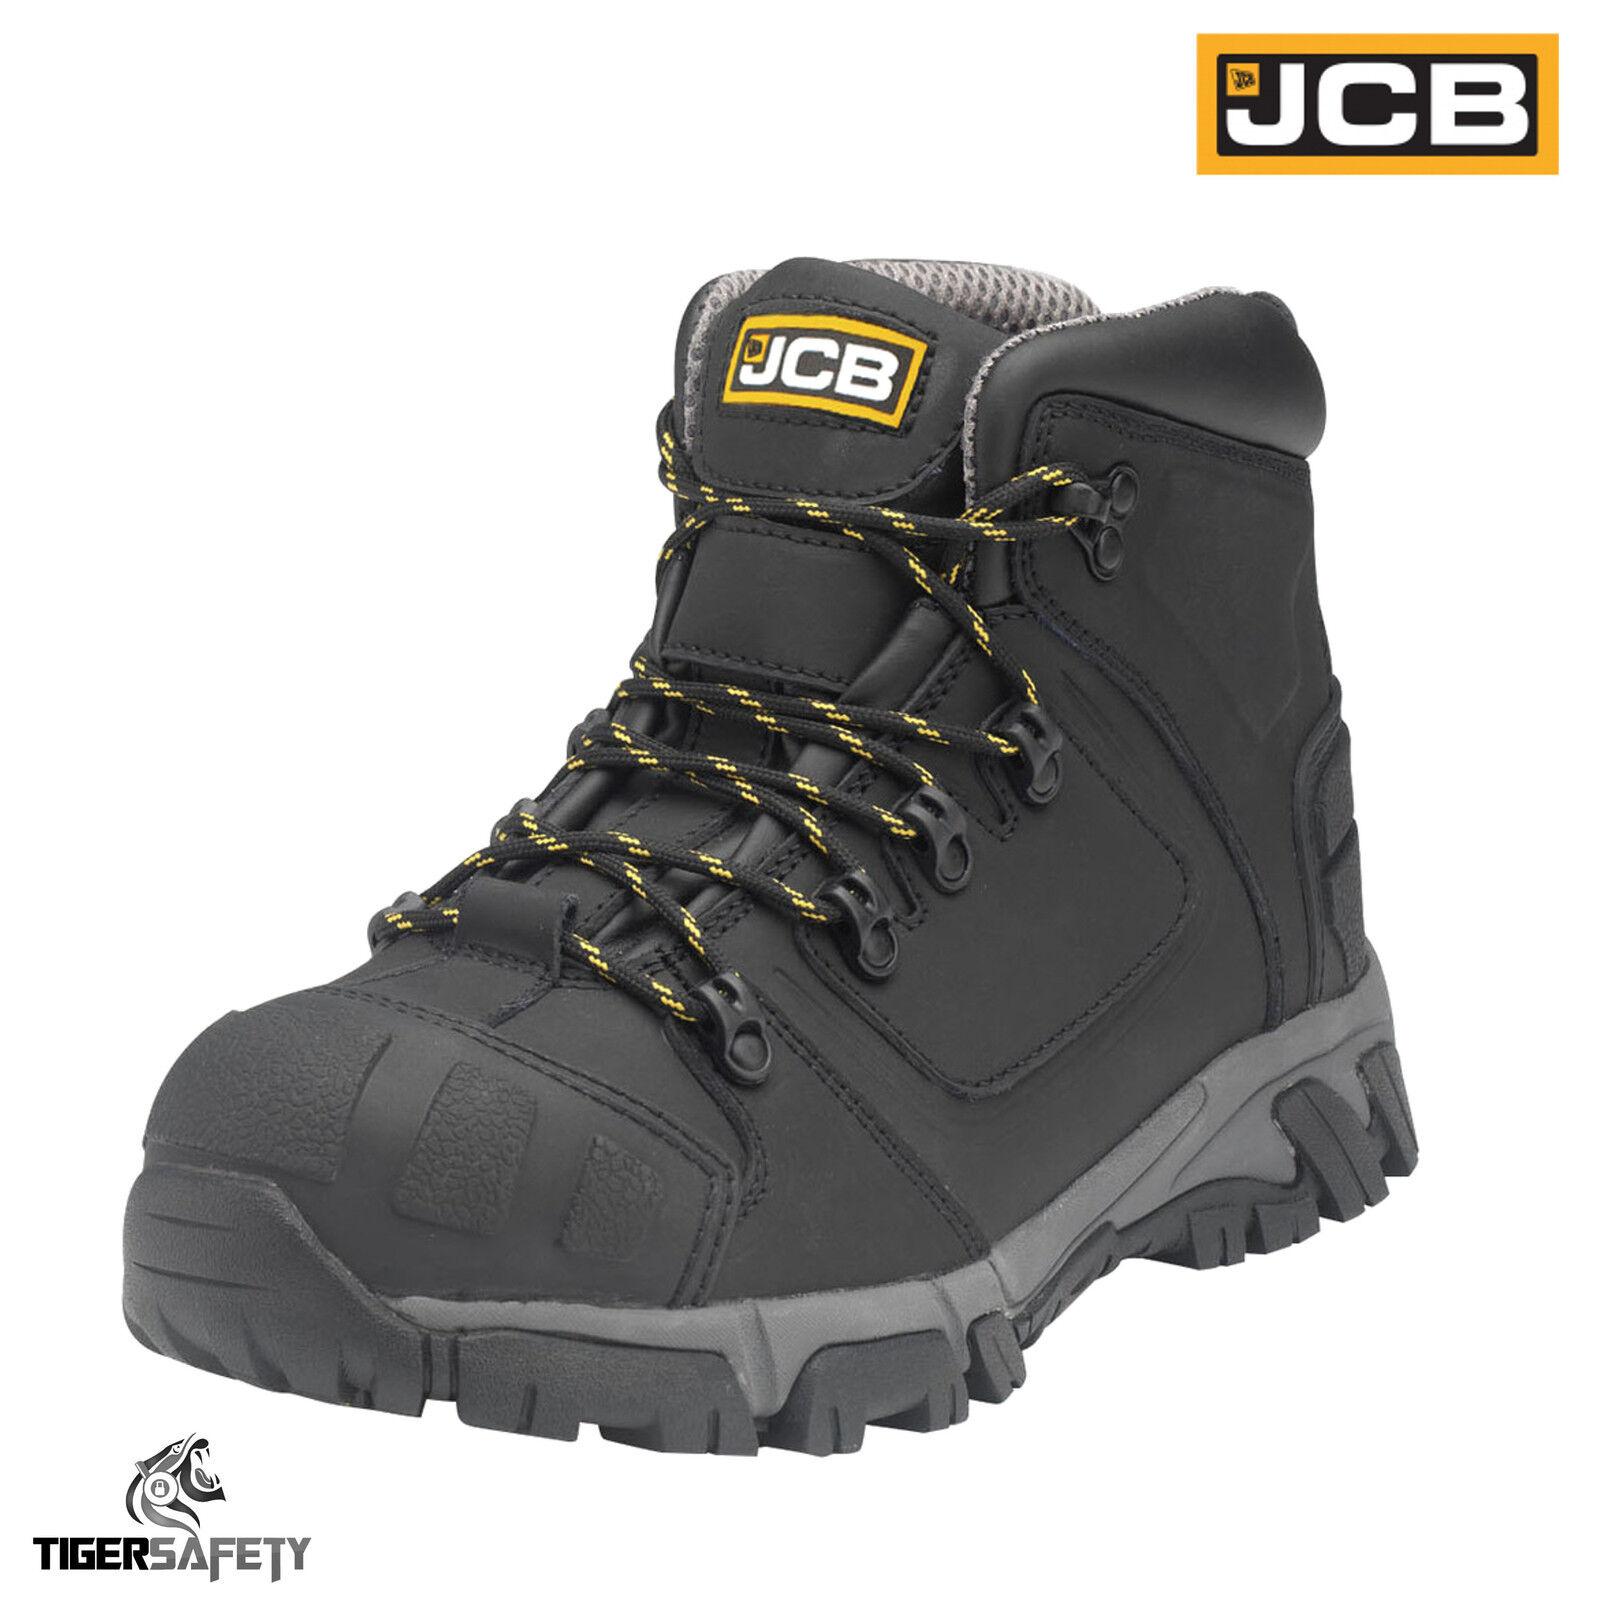 Jcb X Serie S3 SRC Negro Pesado Deber botas De Seguridad Puntera de aluminio ligero